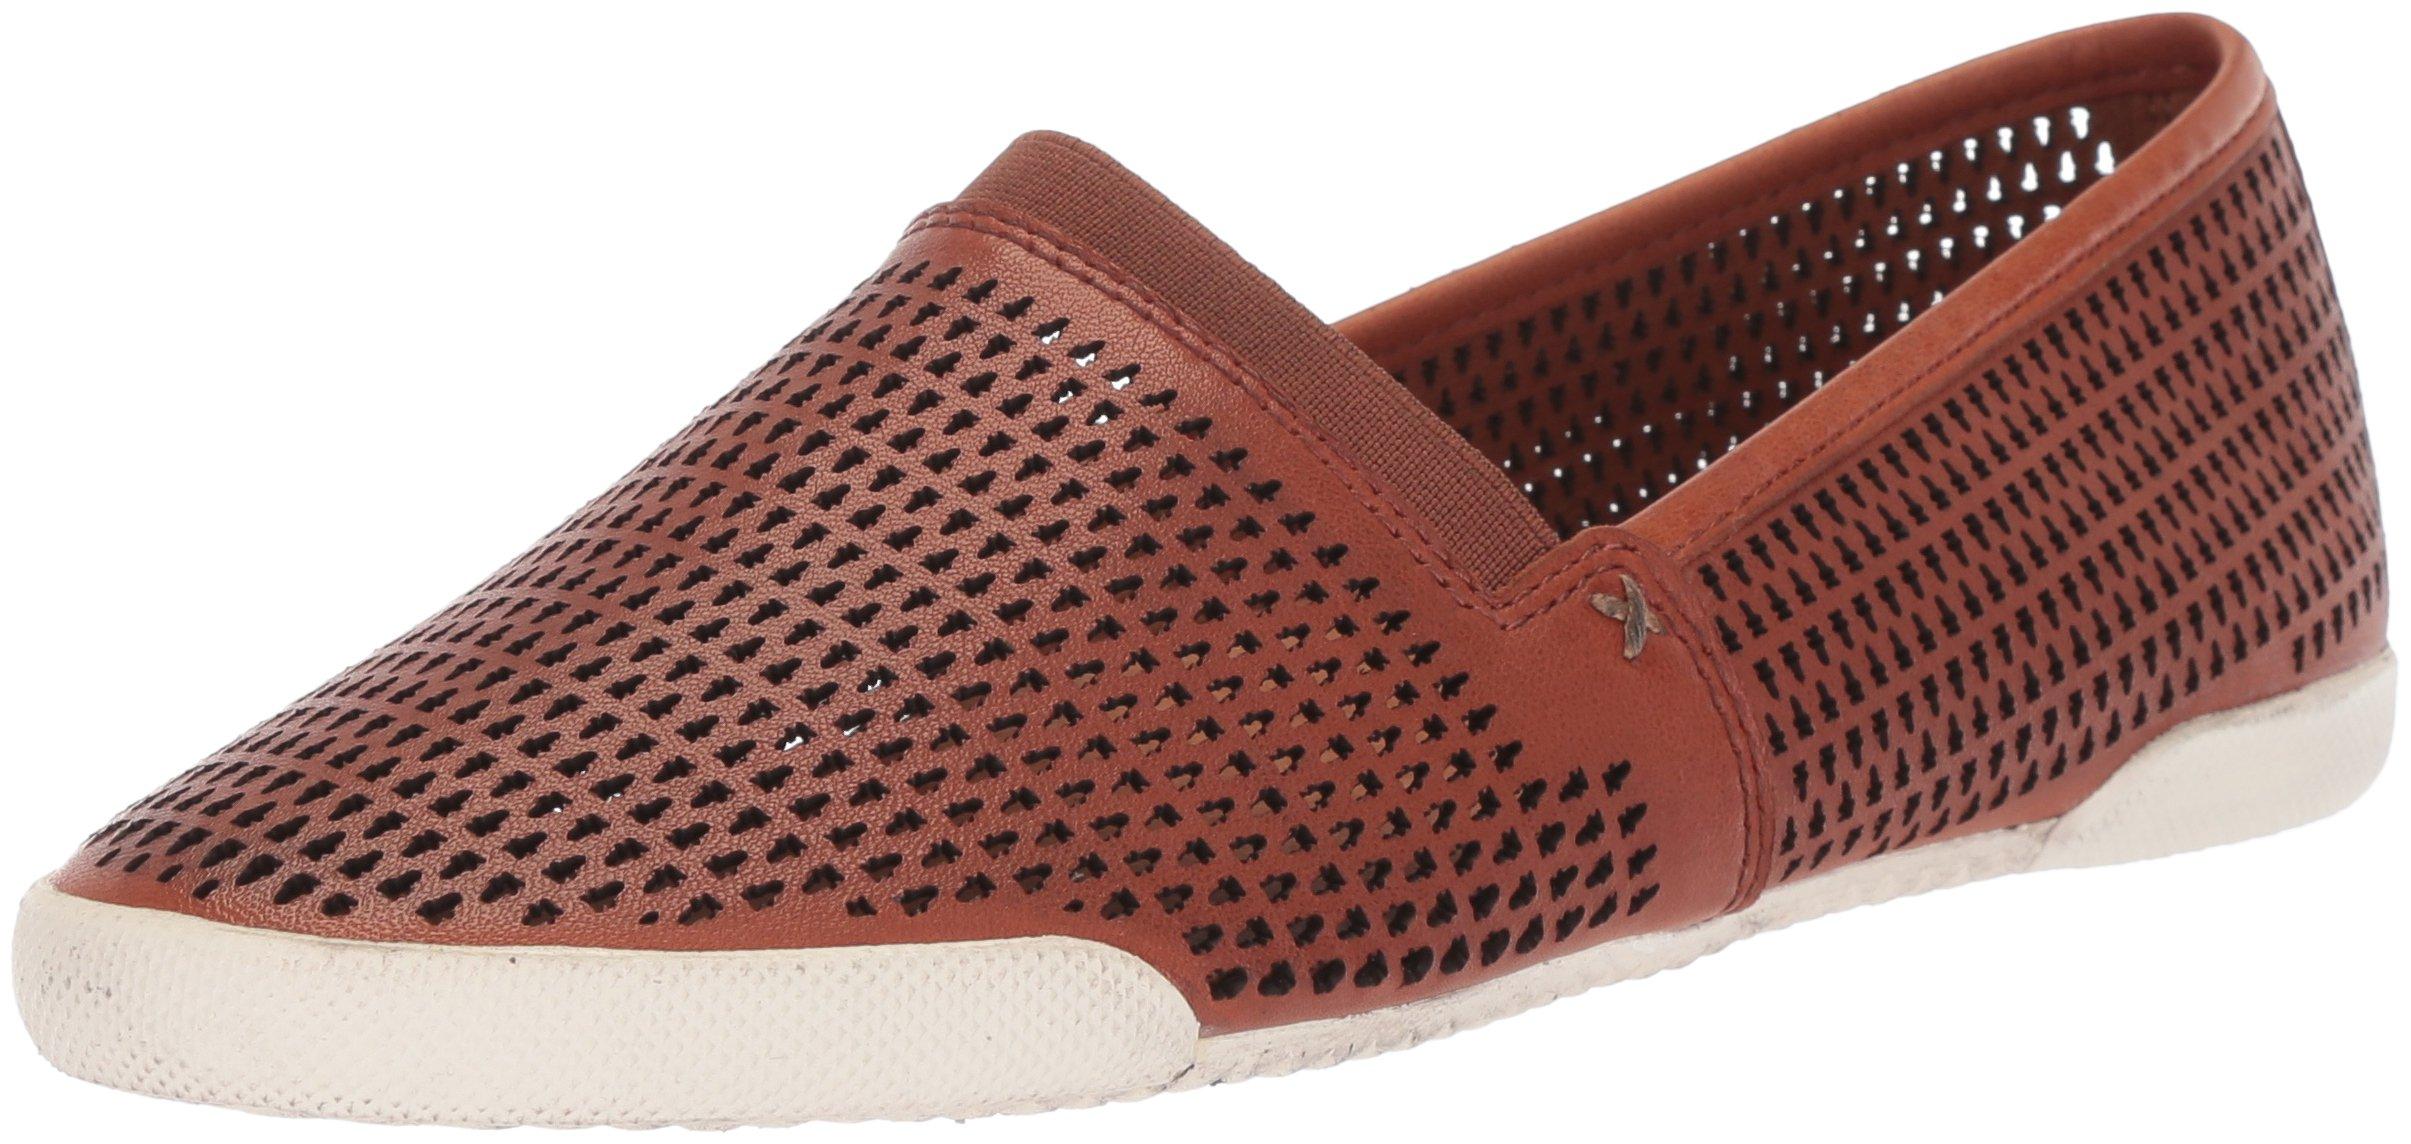 FRYE Women's Melanie Perf Slip On Sneaker, Cognac, 6.5 M US